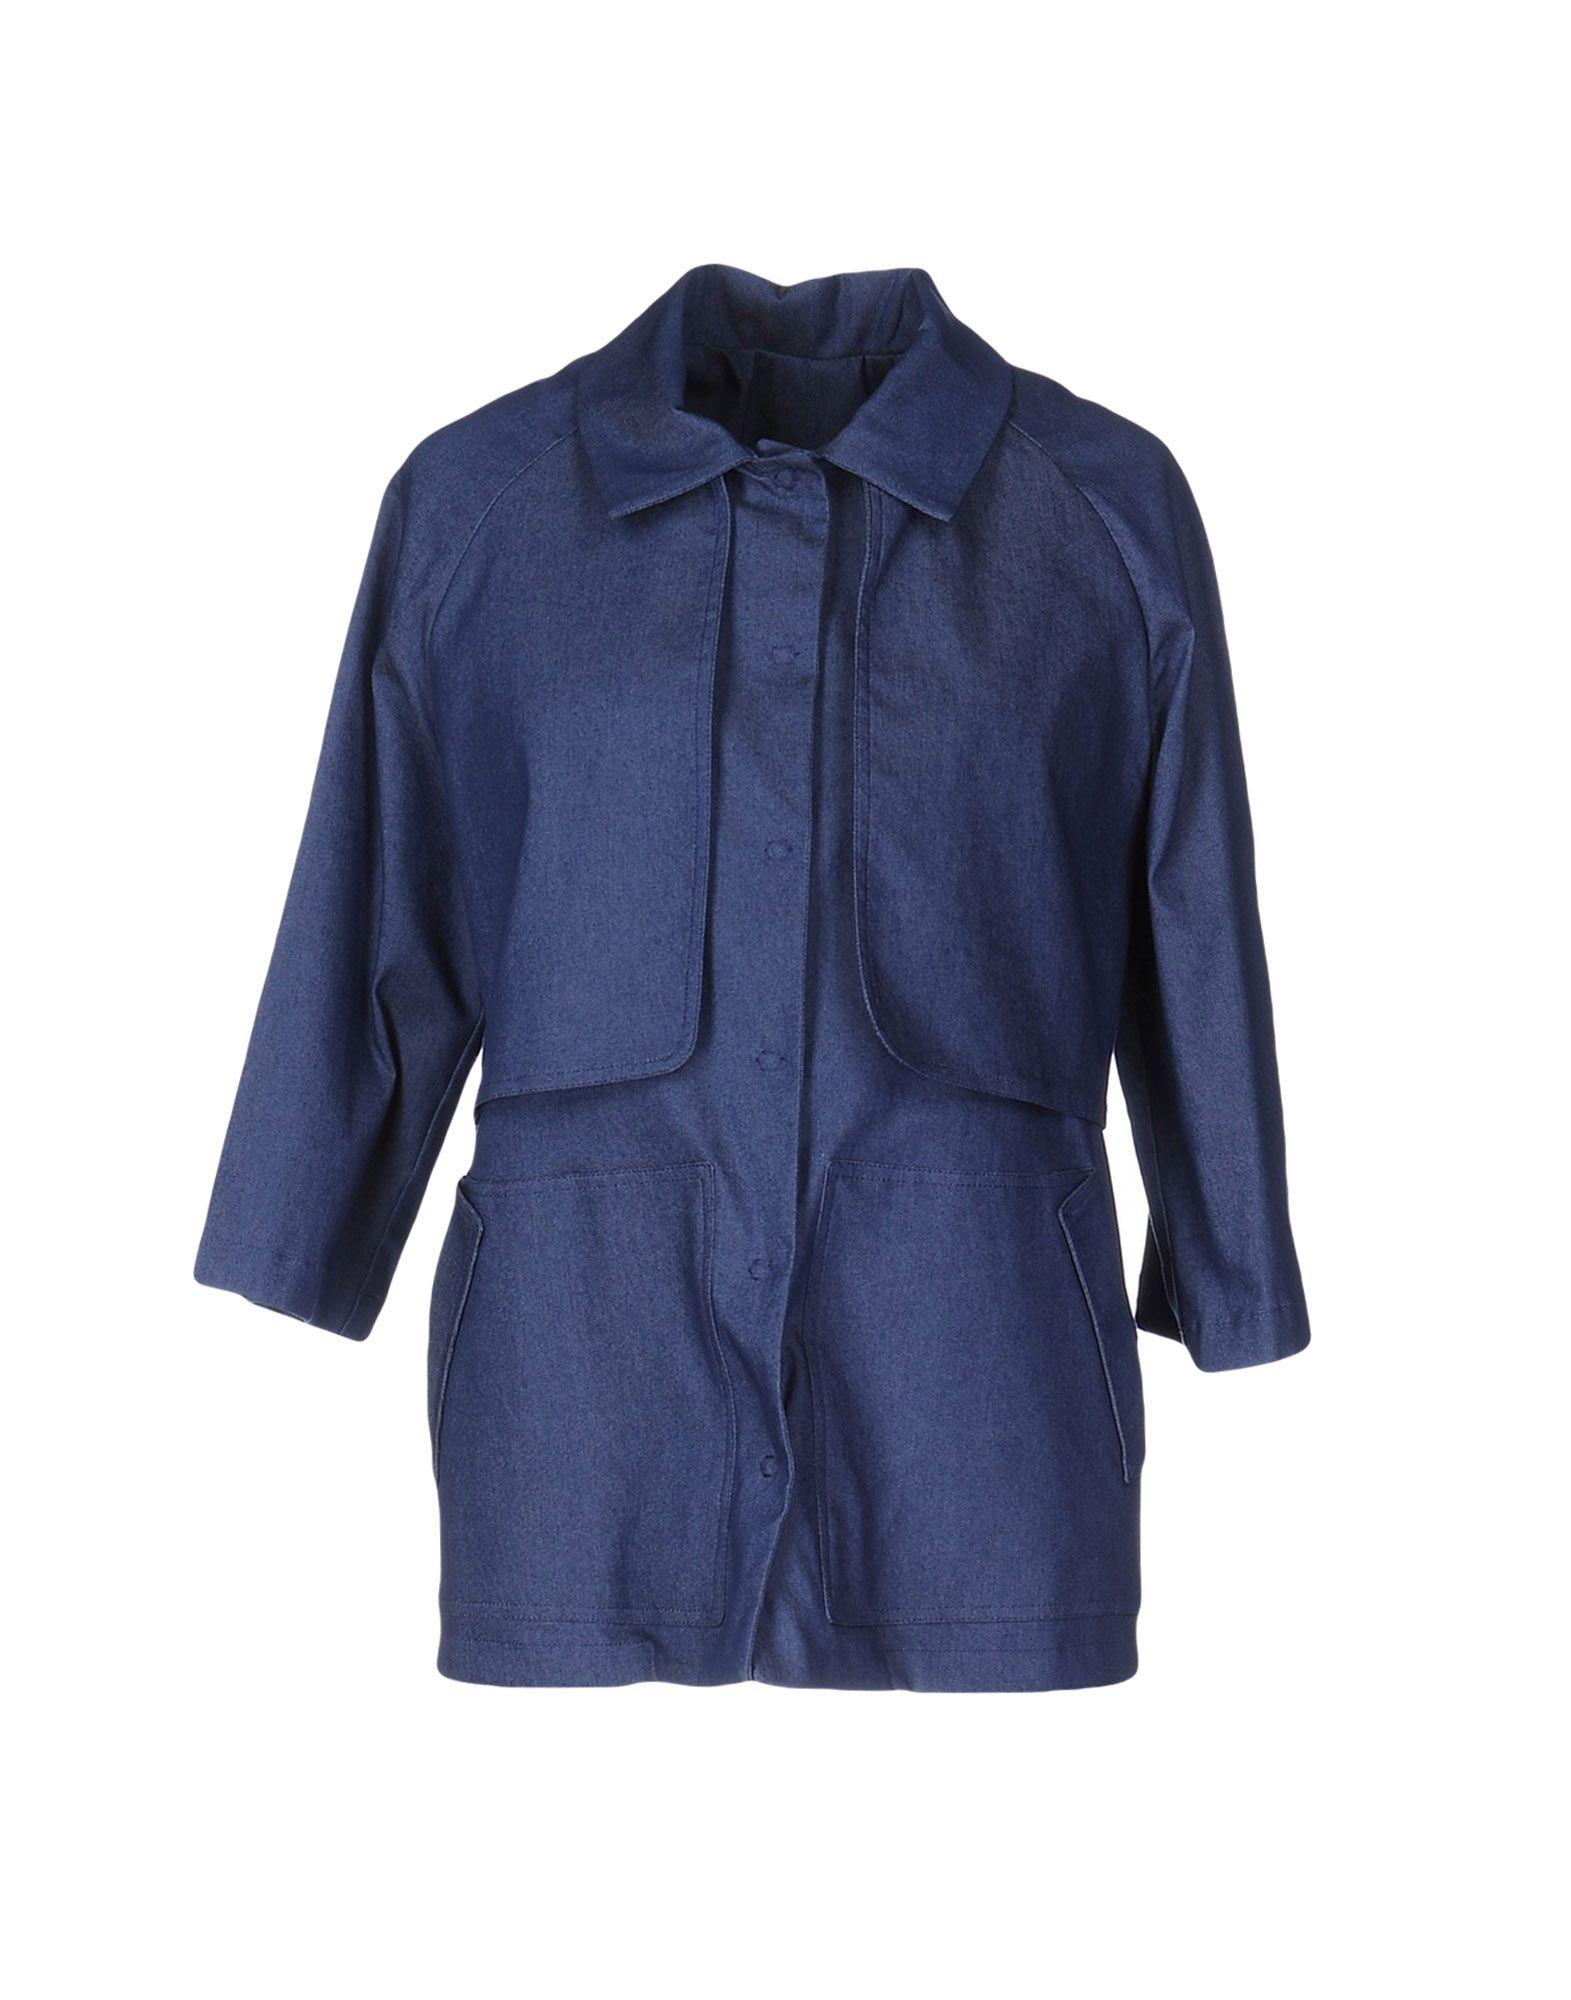 GUTTHA Damen Jackett Farbe Blau Größe 4 jetztbilligerkaufen